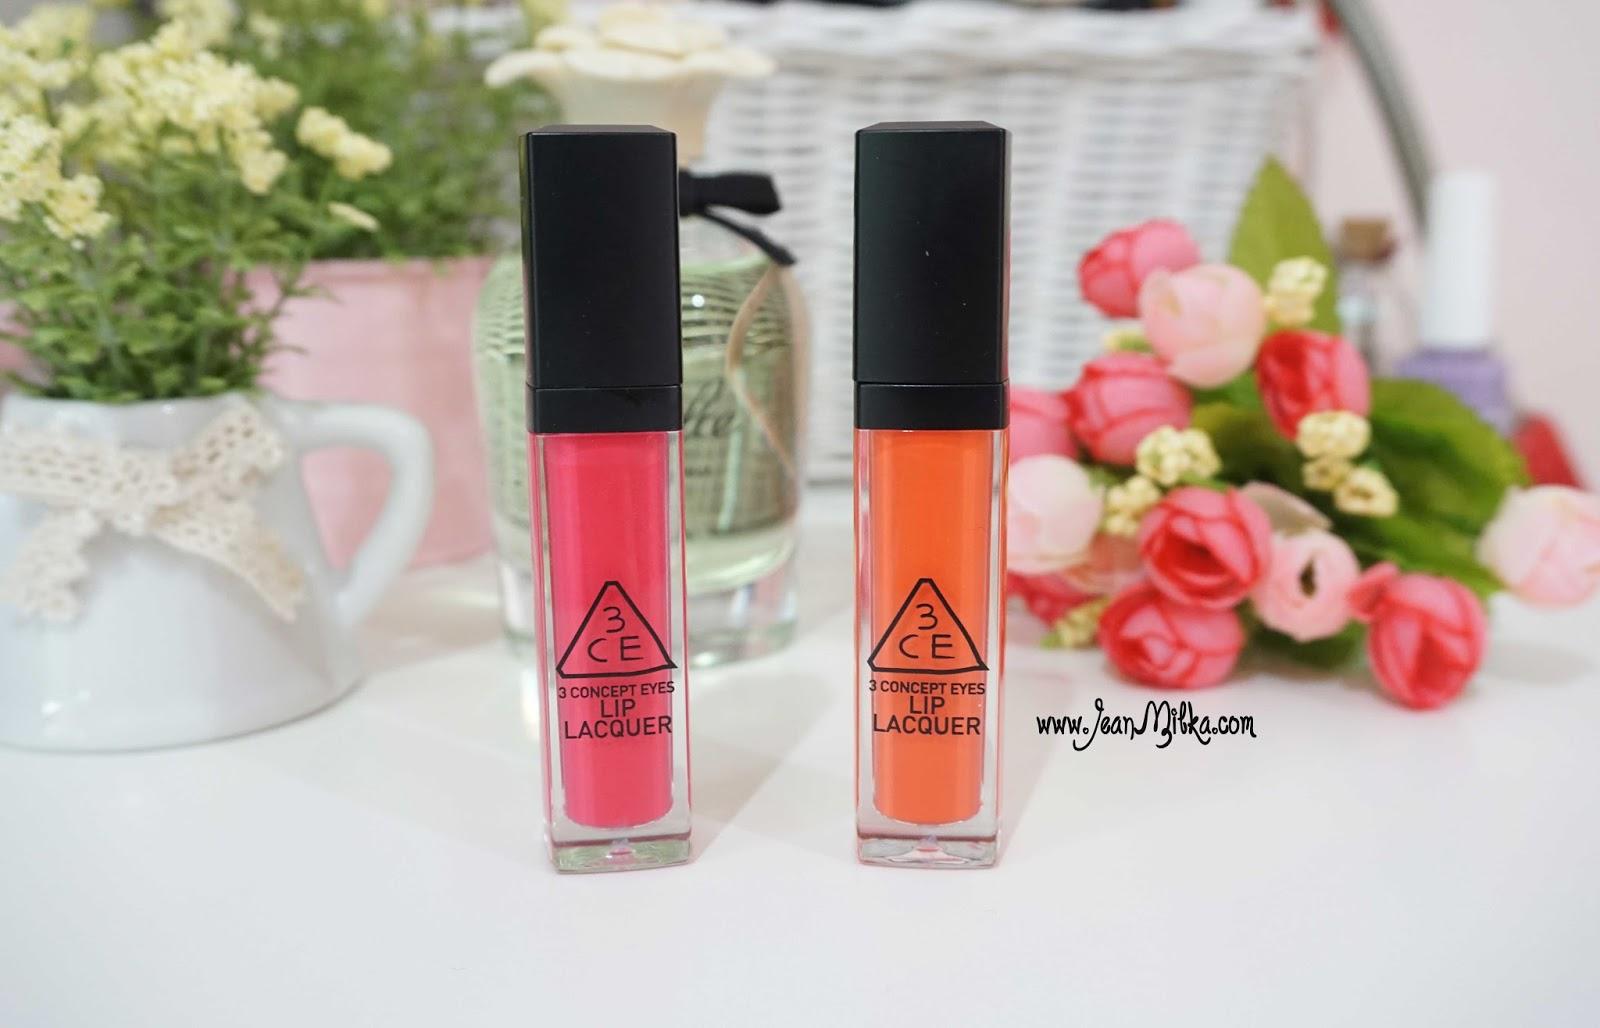 3ce lip lacquer